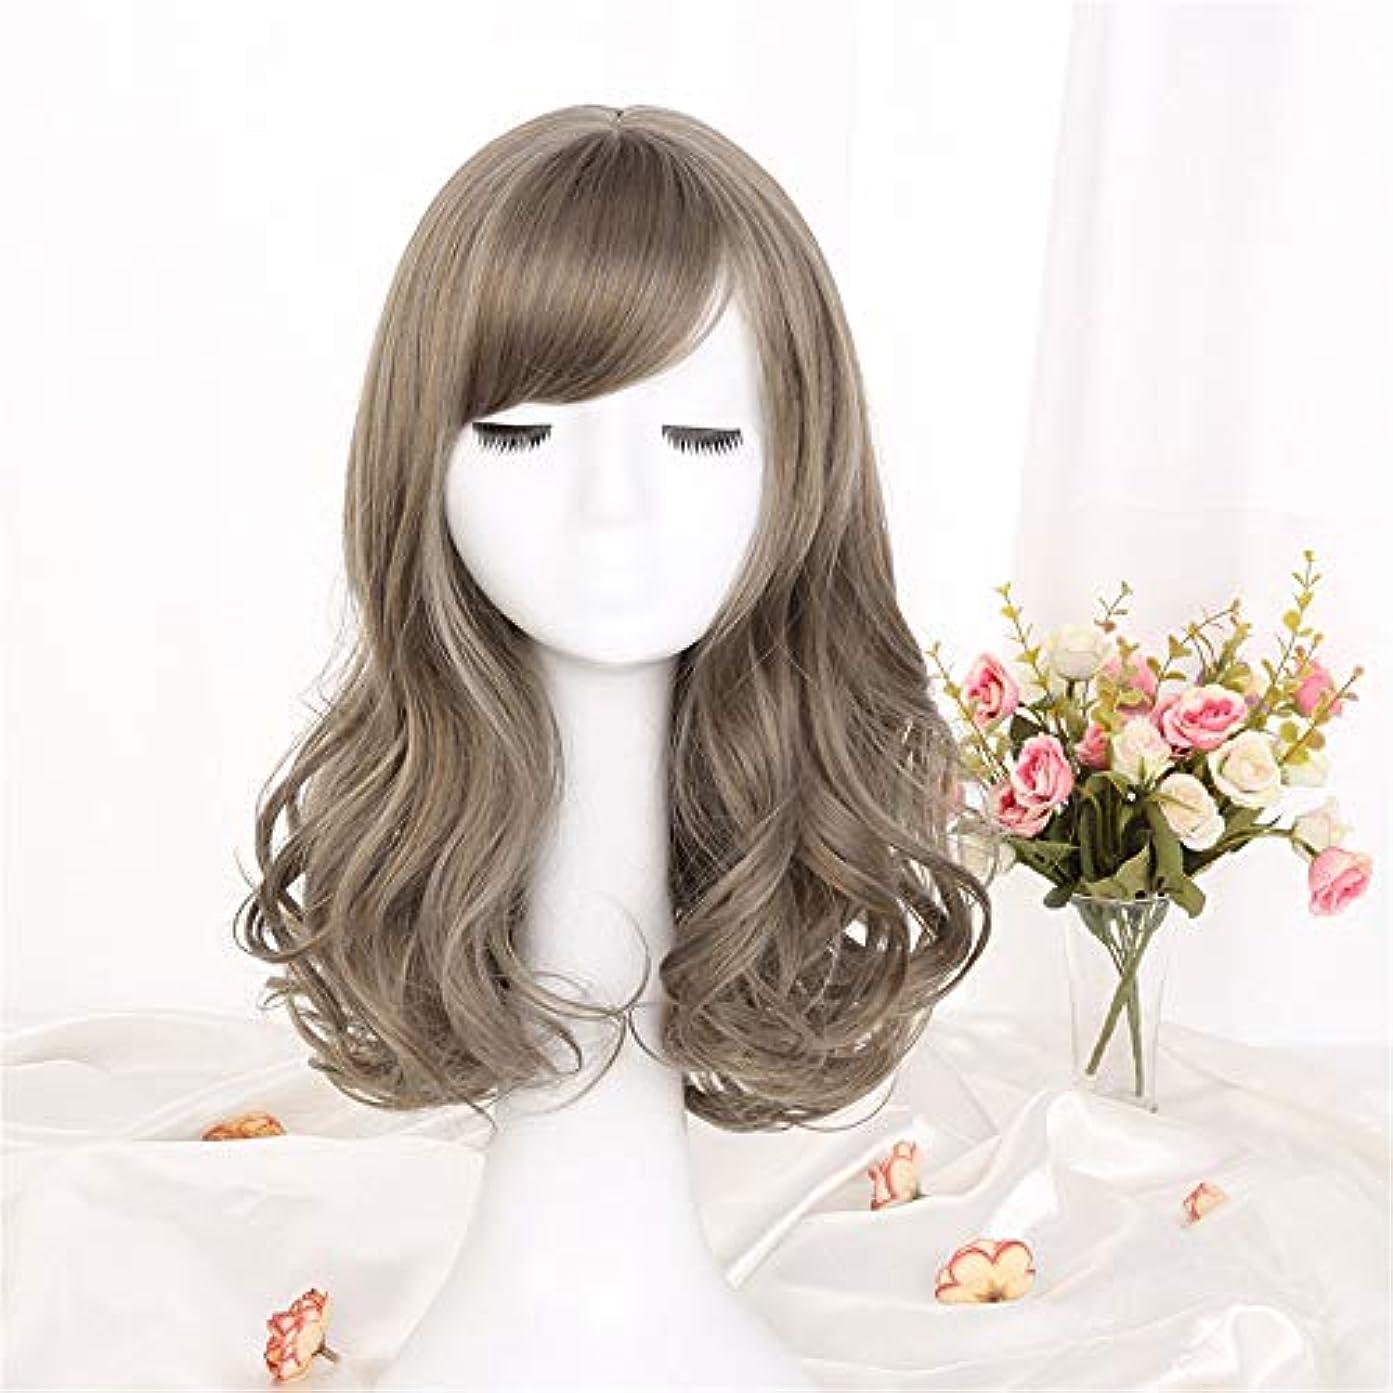 祝うオレンジ宝ウィッグ髪化学繊維フードミディアム長波高温合成繊維ウィッグ女性用ウィッググリーンウッドリネンアッシュ42cm